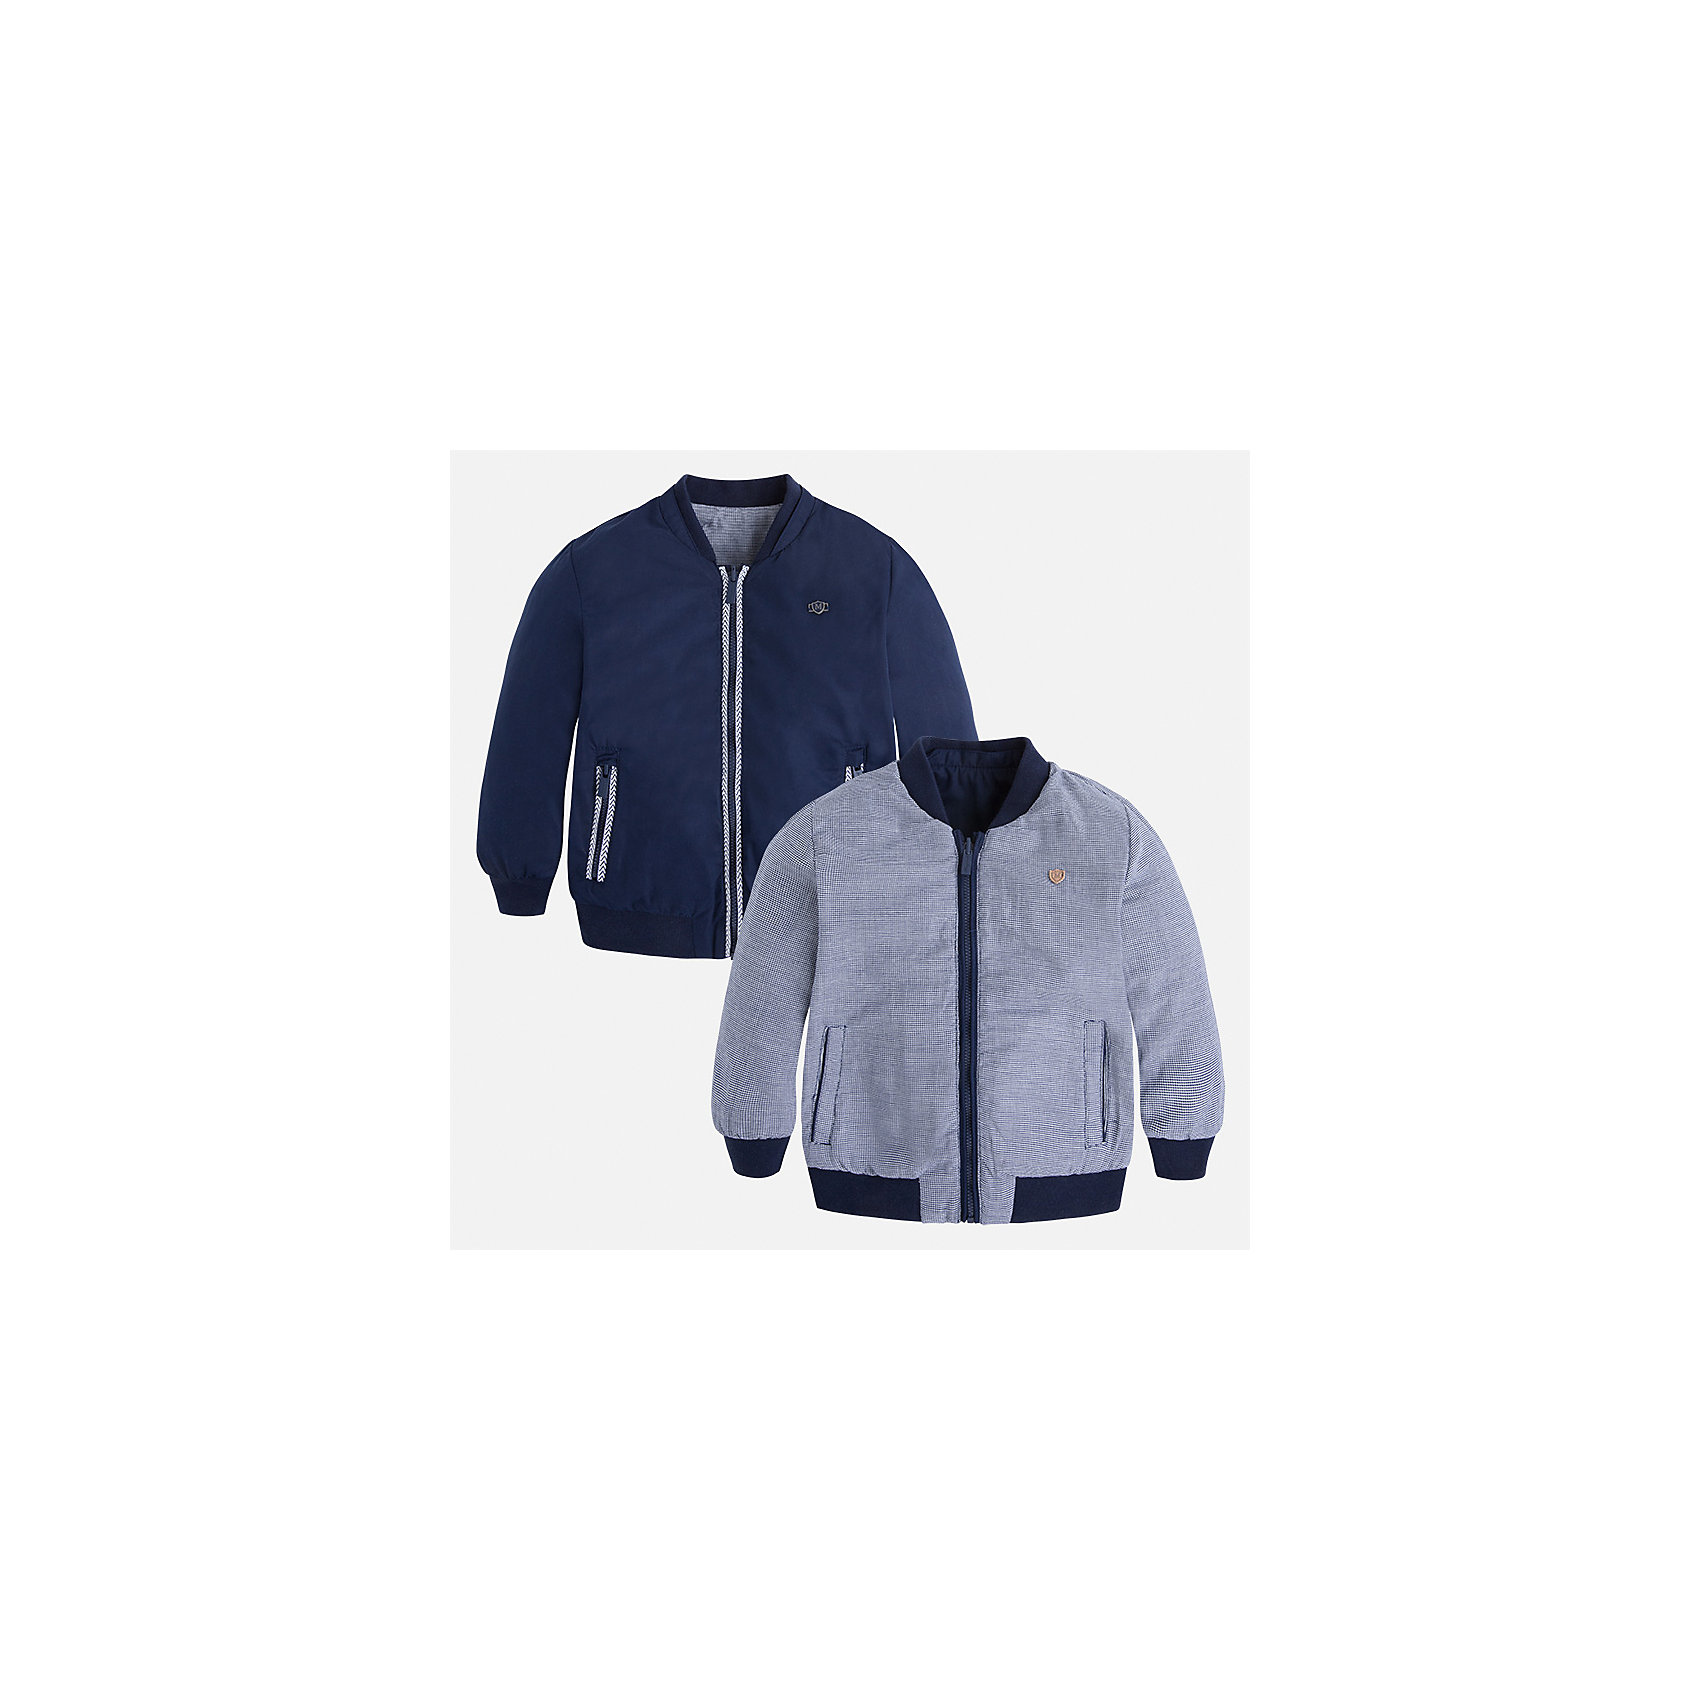 Ветровка двухсторонняя для мальчика MayoralВерхняя одежда<br>Характеристики товара:<br><br>• цвет: синий/серый<br>• состав: 100% полиэстер, подкладка - 100% хлопок<br>• температурный режим: от +20° до +10°С<br>• двусторонняя<br>• карманы<br>• молния<br>• манжеты<br>• страна бренда: Испания<br><br>Легкая куртка для мальчика поможет разнообразить гардероб ребенка и обеспечить тепло в прохладную погоду. Эта ветровка - два в одном: стоит её вывернуть - и появляется еще одна курточка другой расцветки. Она отлично сочетается и с джинсами, и с брюками. Универсальный цвет позволяет подобрать к вещи низ различных расцветок. Интересная отделка модели делает её нарядной и оригинальной. <br><br>Одежда, обувь и аксессуары от испанского бренда Mayoral полюбились детям и взрослым по всему миру. Модели этой марки - стильные и удобные. Для их производства используются только безопасные, качественные материалы и фурнитура. Порадуйте ребенка модными и красивыми вещами от Mayoral! <br><br>Ветровку для мальчика от испанского бренда Mayoral (Майорал) можно купить в нашем интернет-магазине.<br><br>Ширина мм: 356<br>Глубина мм: 10<br>Высота мм: 245<br>Вес г: 519<br>Цвет: синий<br>Возраст от месяцев: 24<br>Возраст до месяцев: 36<br>Пол: Мужской<br>Возраст: Детский<br>Размер: 98,110,122,92,104,116,134,128<br>SKU: 5280675